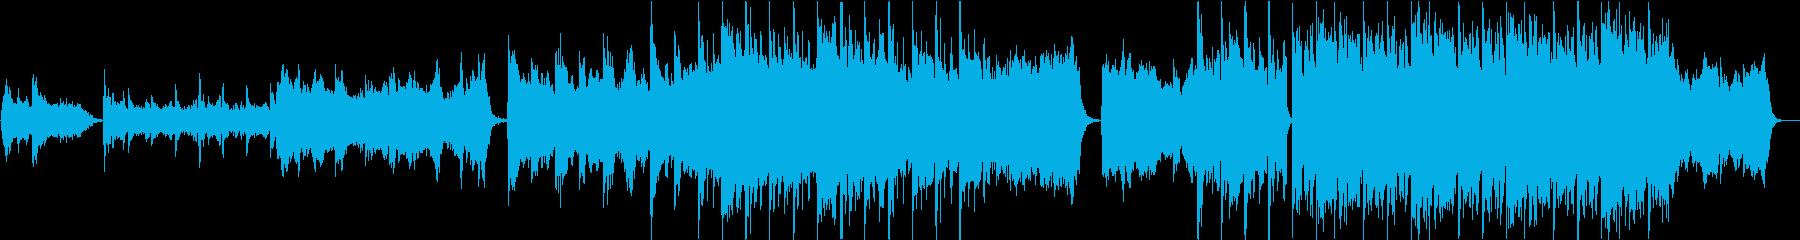 PV】感動系壮大オーケストラエレクトロの再生済みの波形